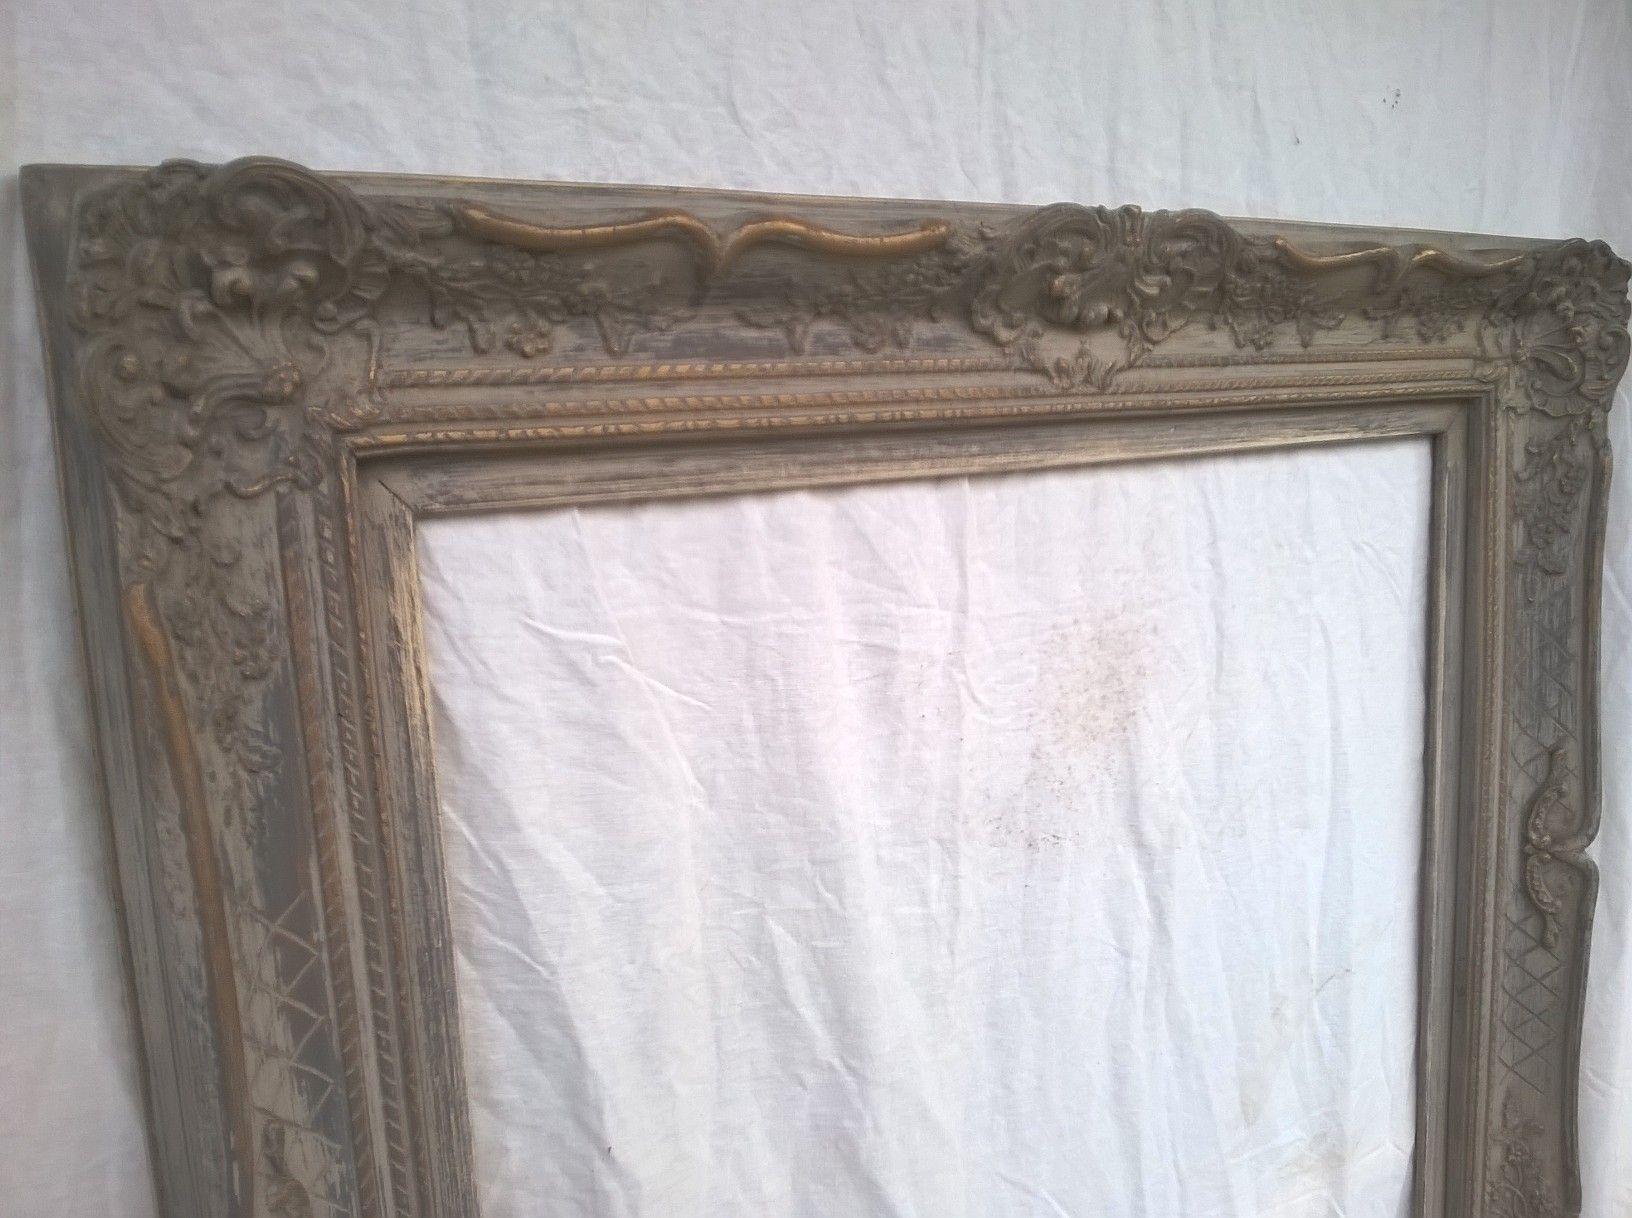 Barok Spiegel Wit : Patineren in een landelijke stijl: barok spiegel met een